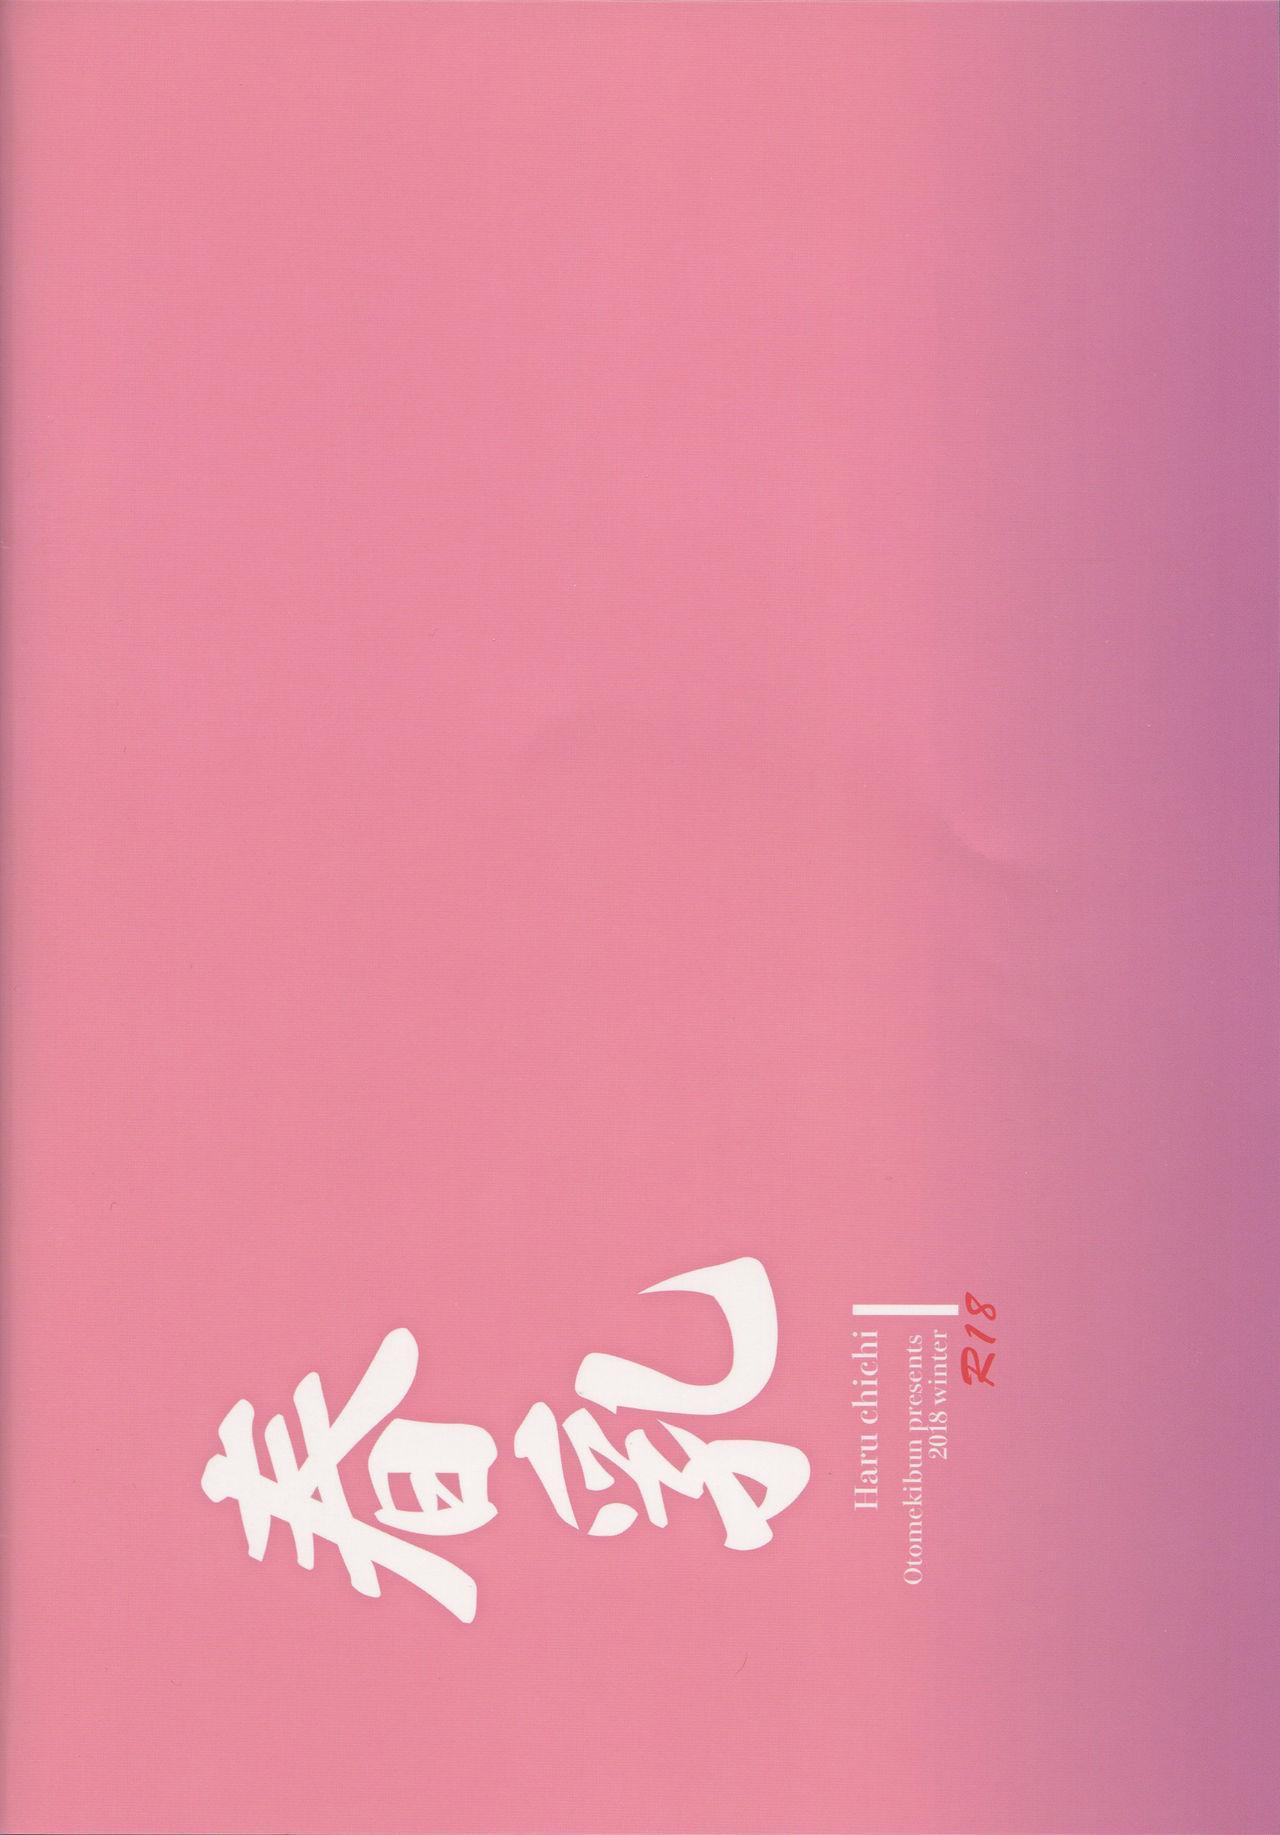 Haru chichi 31